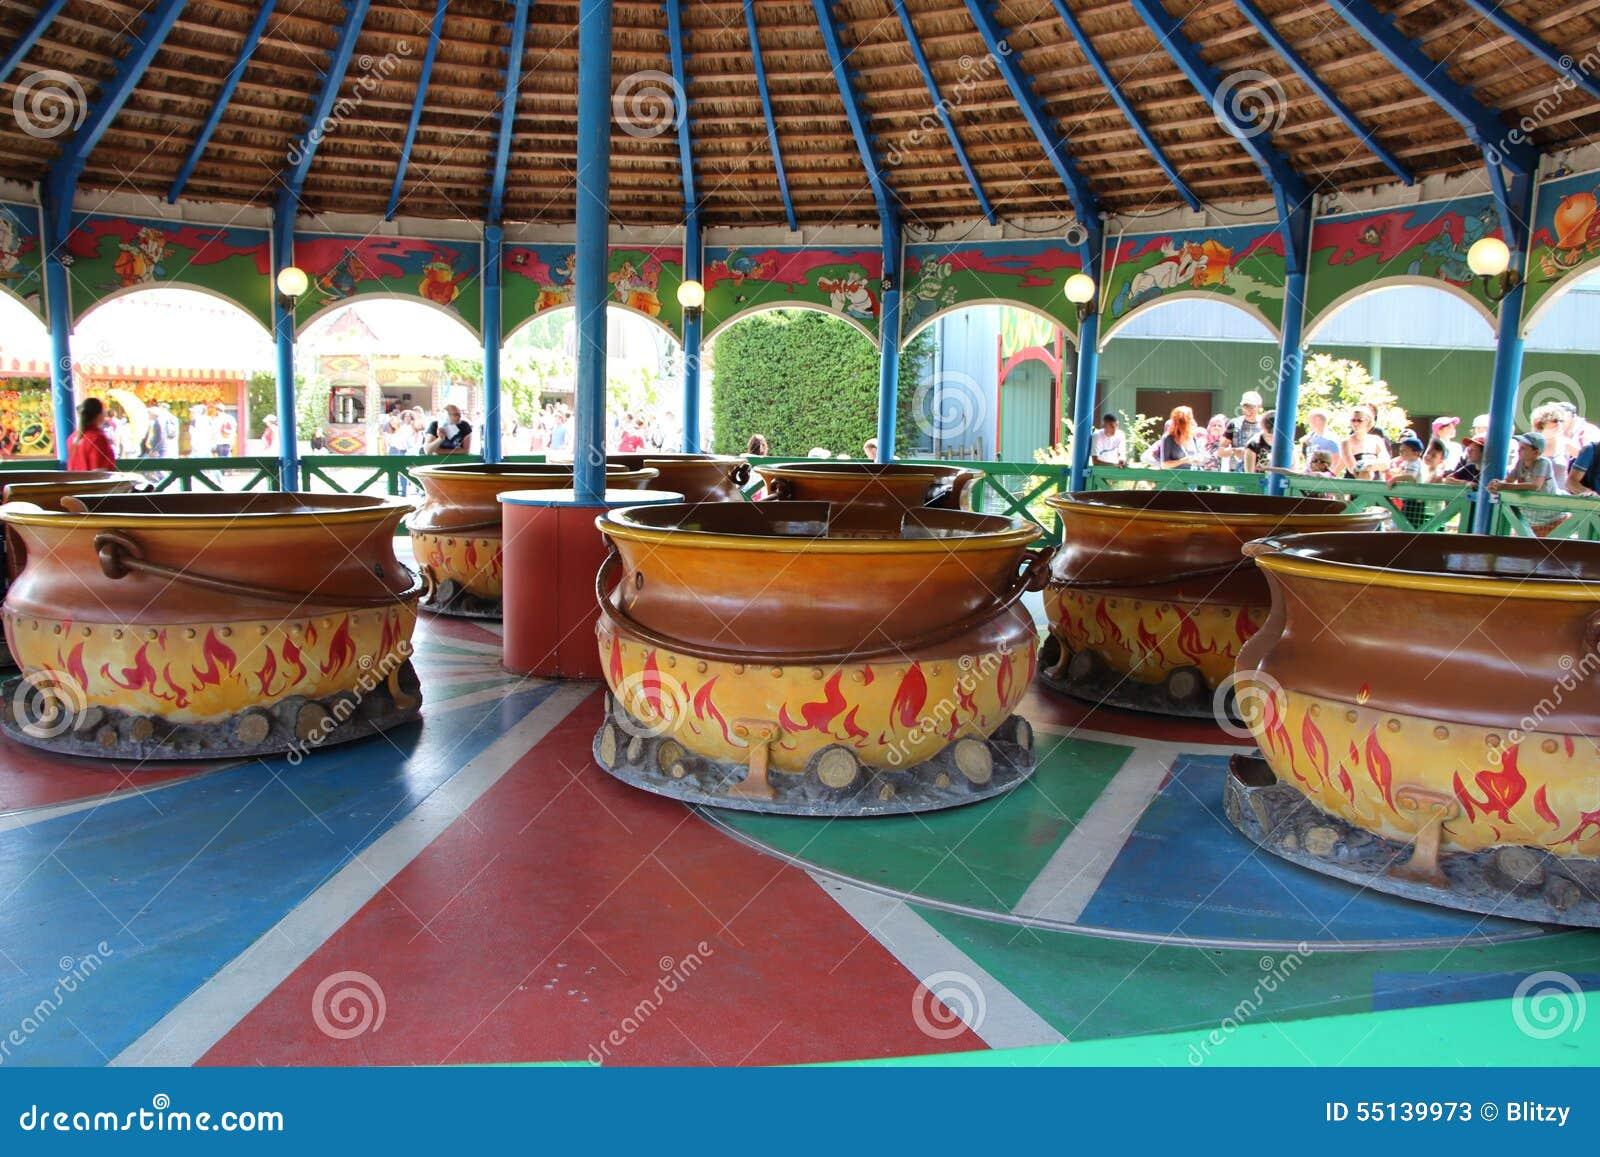 192 l int 233 rieur de l attraction de les chaudrons au parc asterix ile de photo